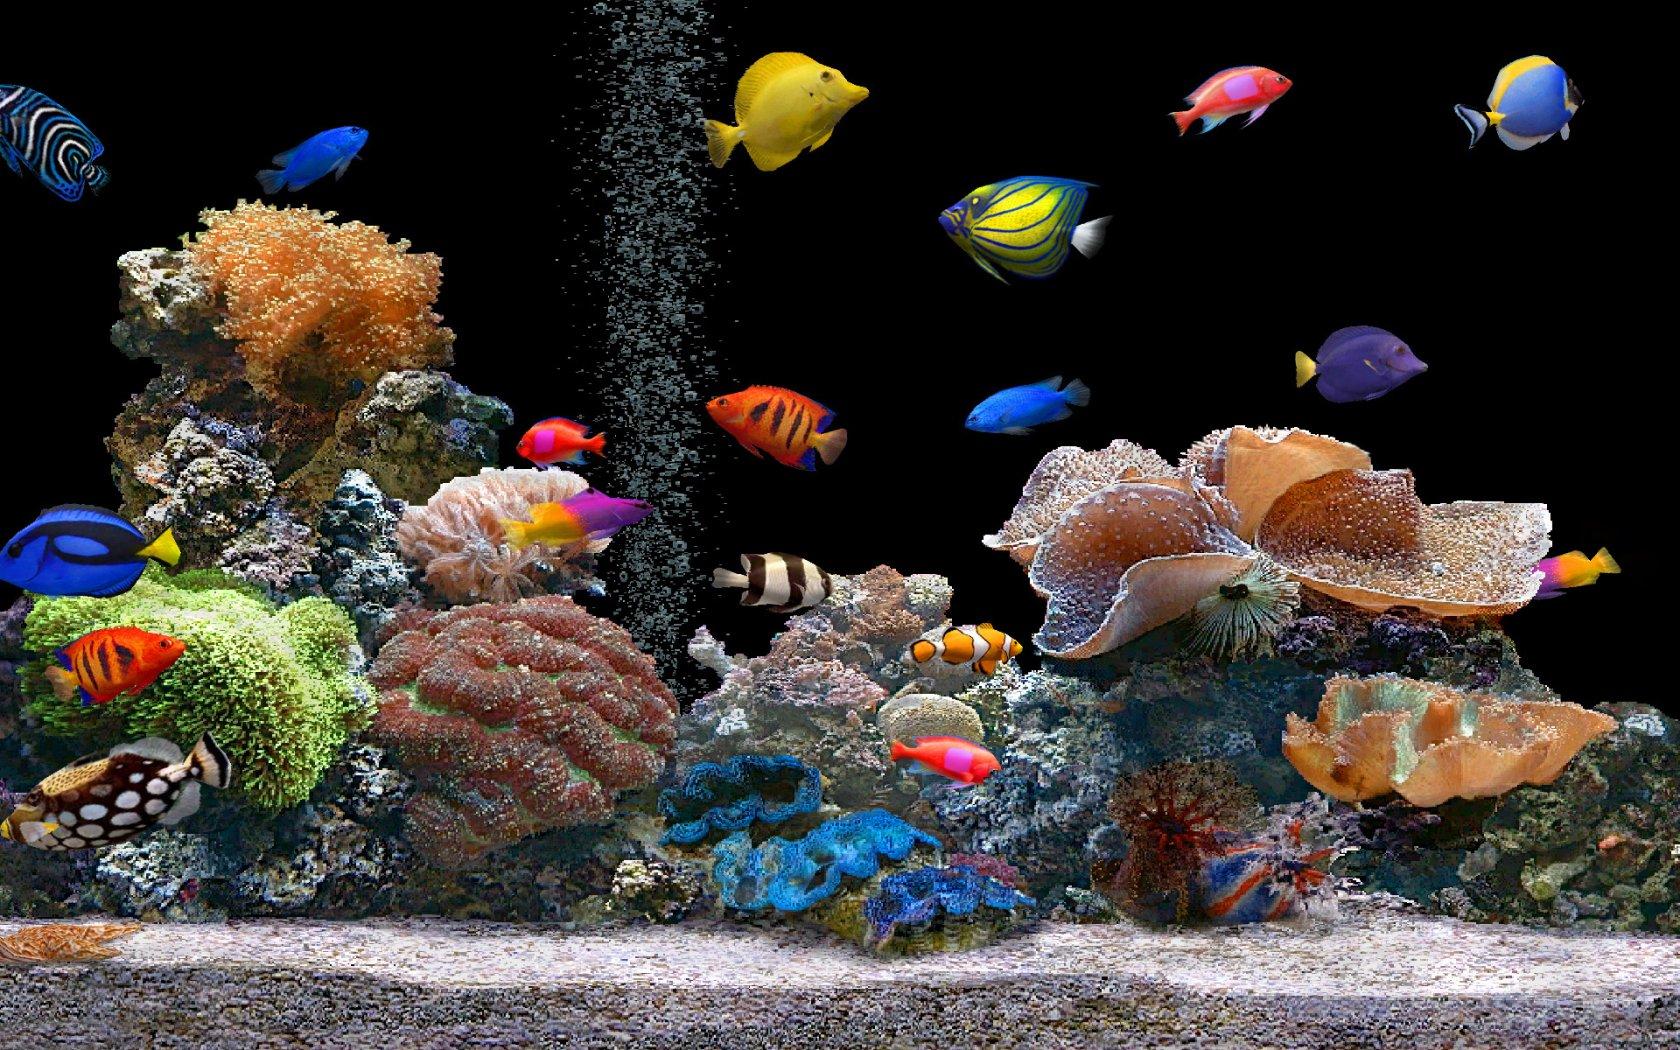 Aquarium Wallpaper 1024 x 768 1680x1050